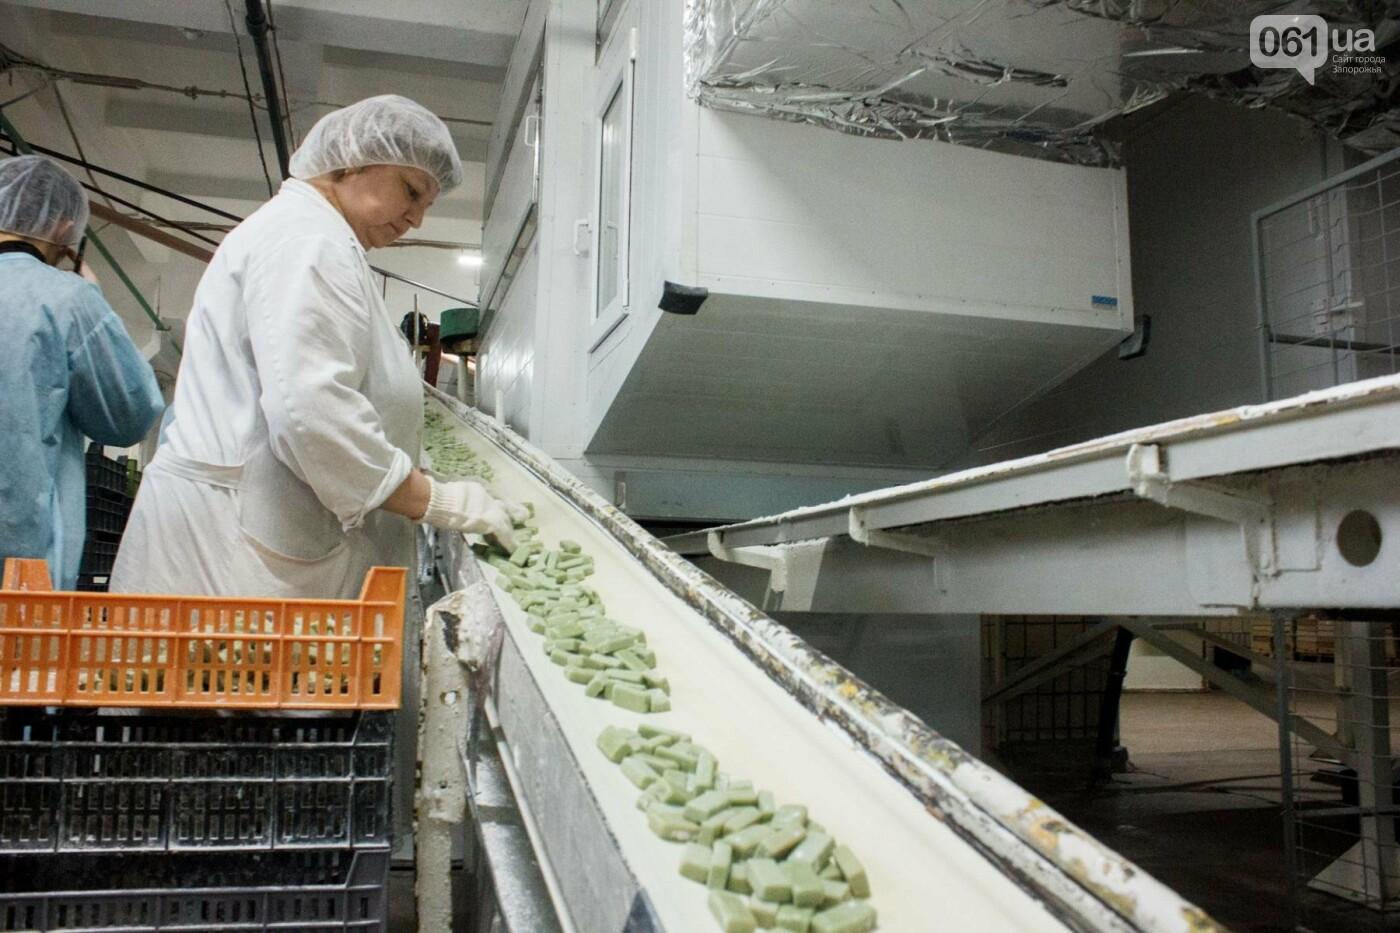 Как в Запорожье делают конфеты: экскурсия на кондитерскую фабрику, – ФОТОРЕПОРТАЖ, фото-21